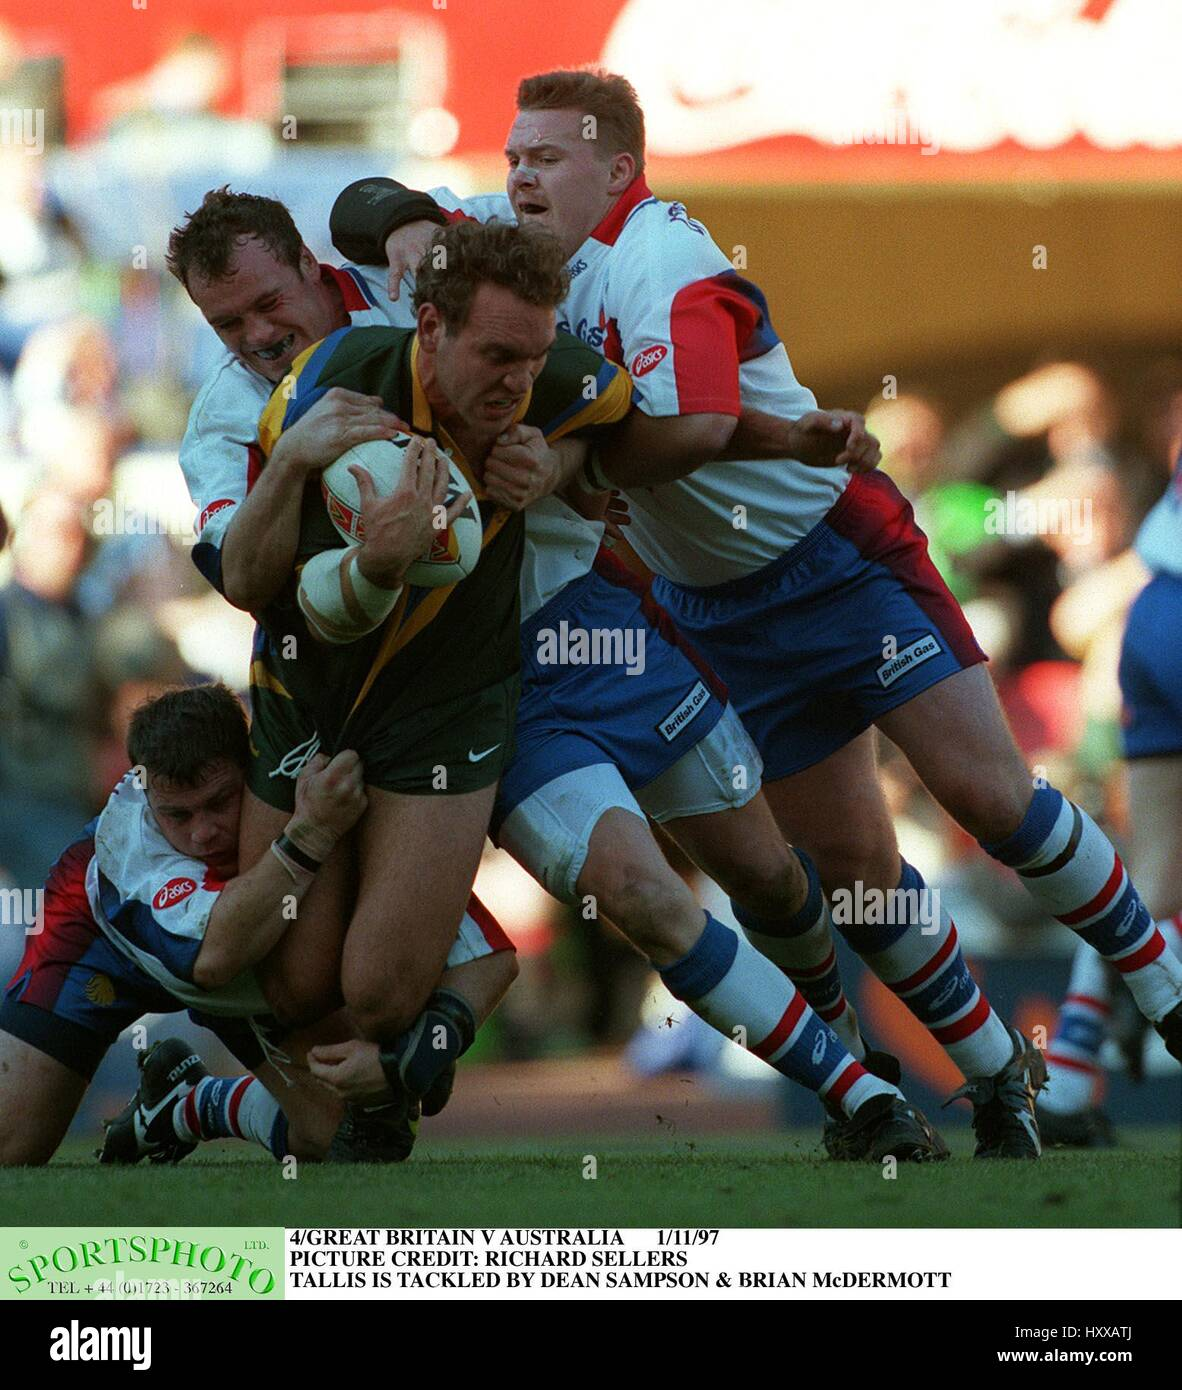 TALLIS MCDERMOTT & SAMPSON GREAT BRITAIN V AUSTRALIA 01 November 1997 - Stock Image